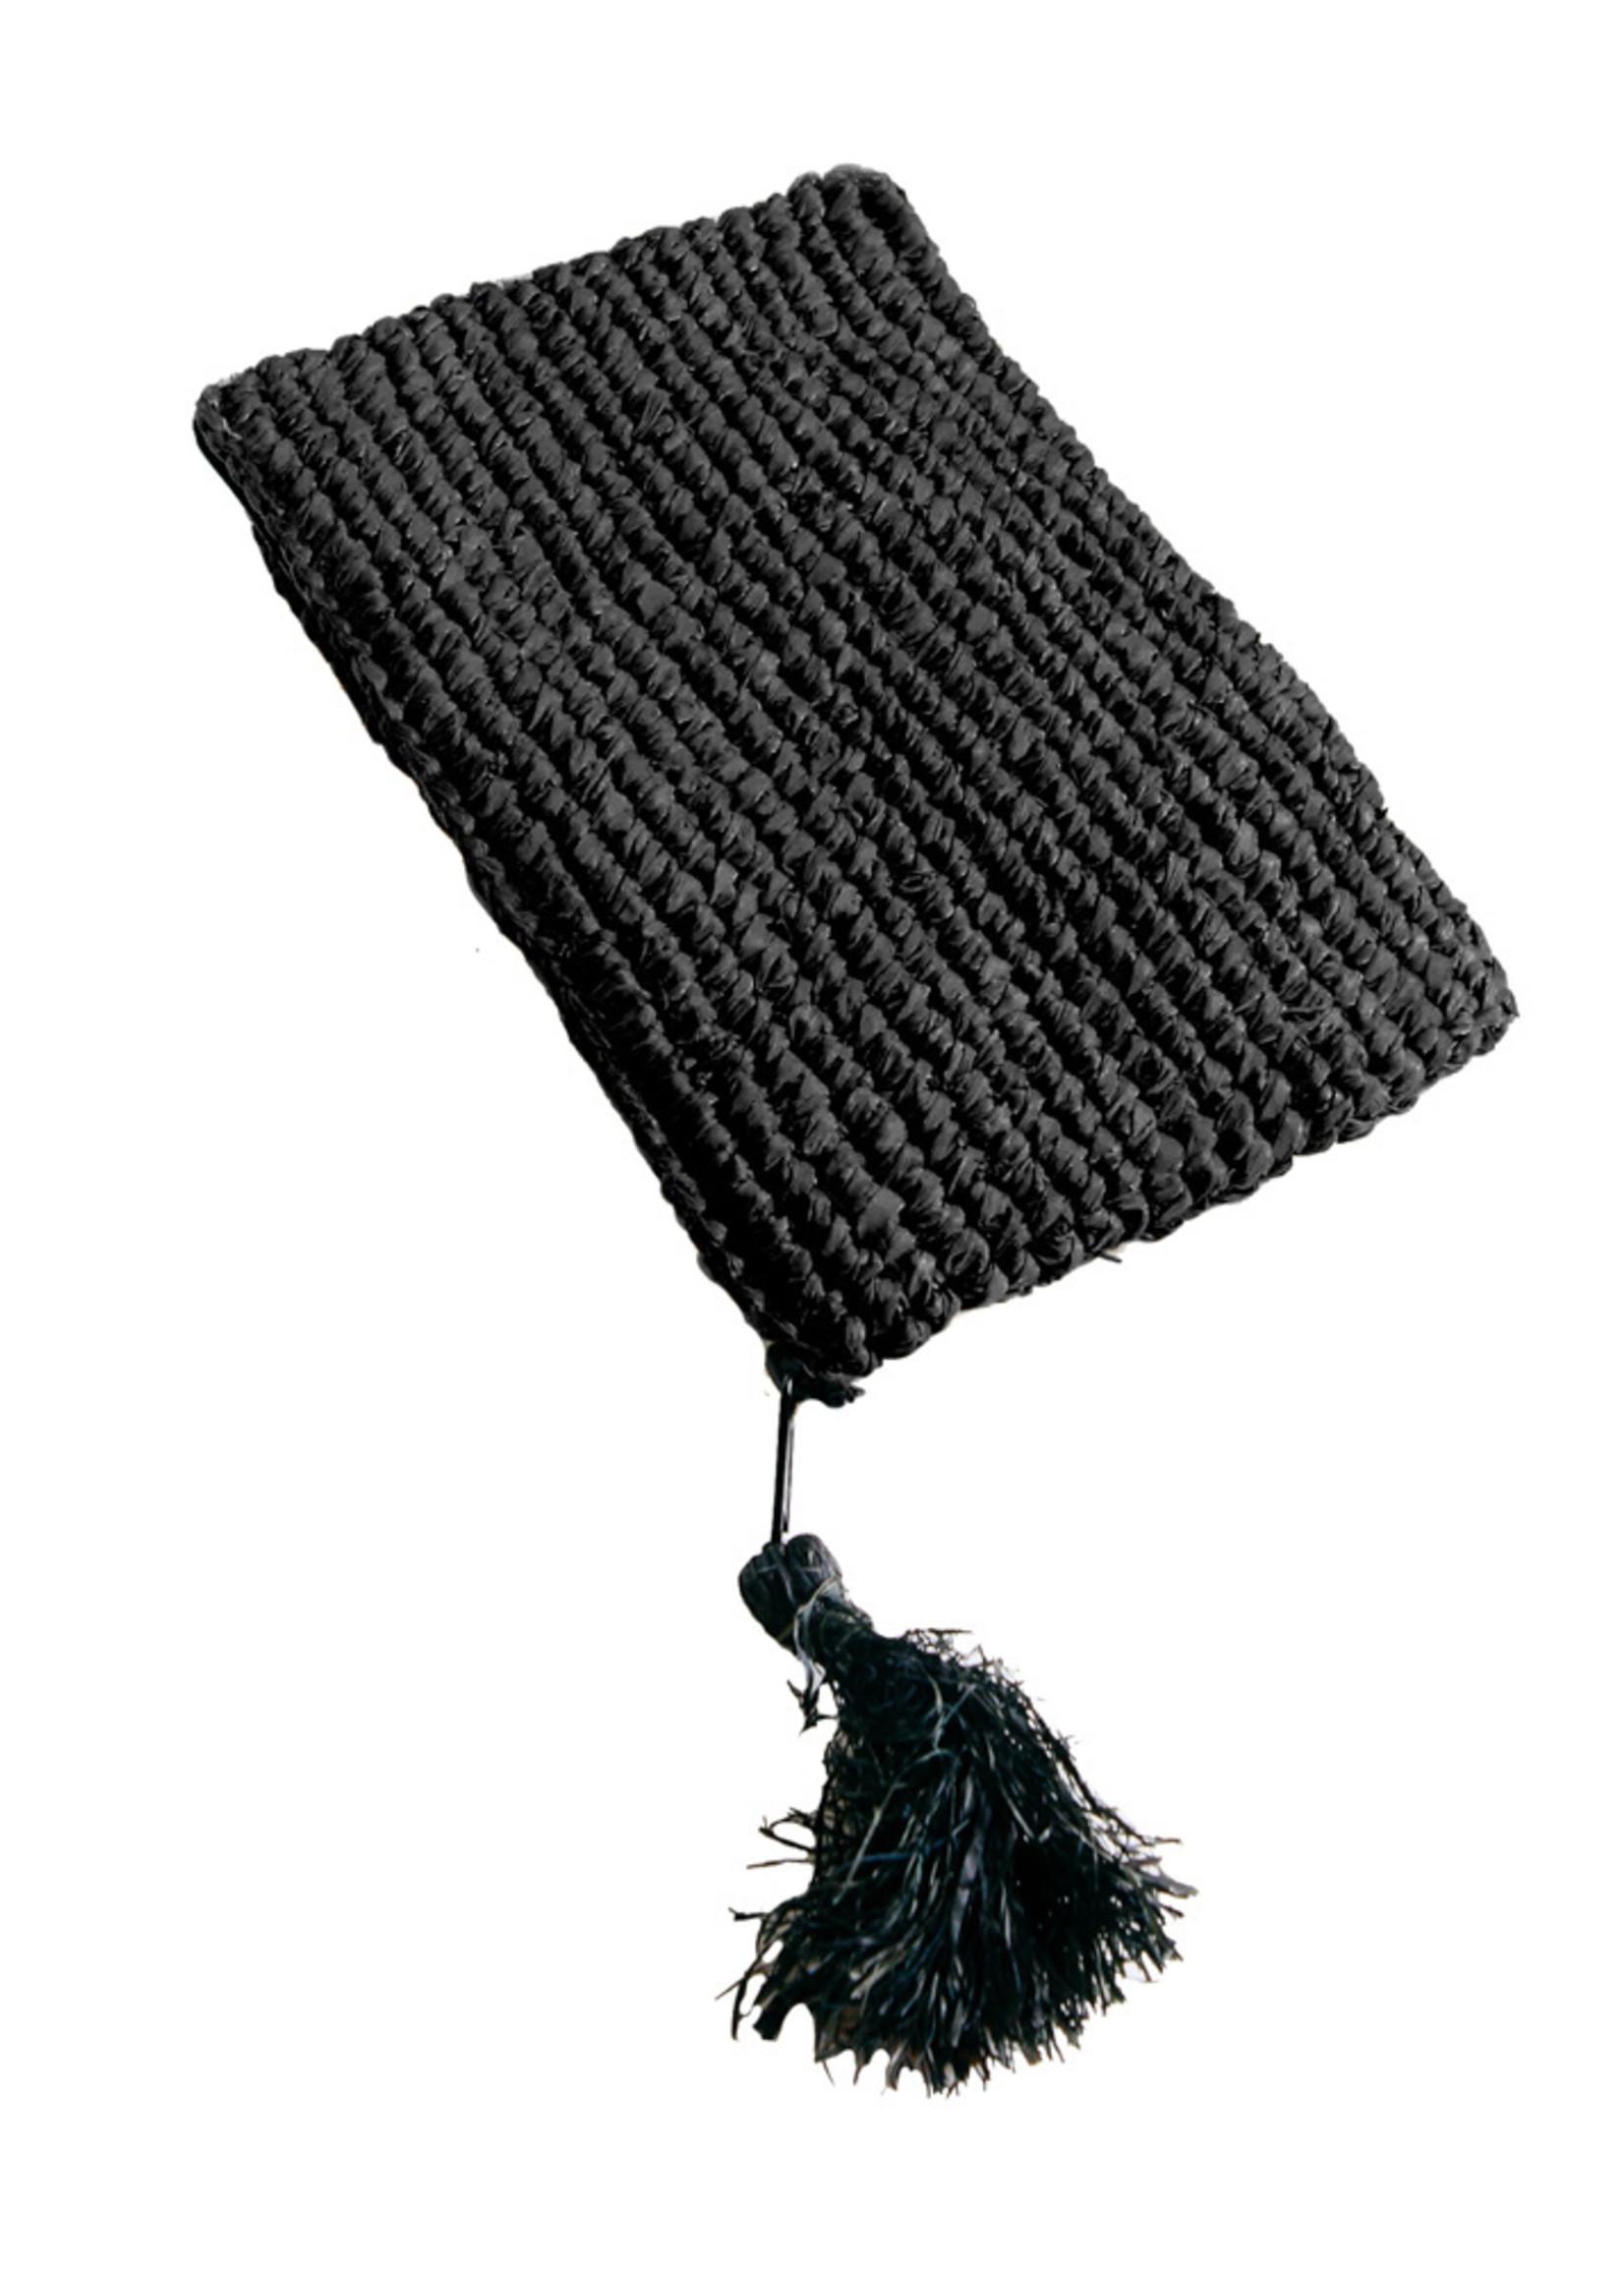 Raffia Clutch with zipper - Black Black - S